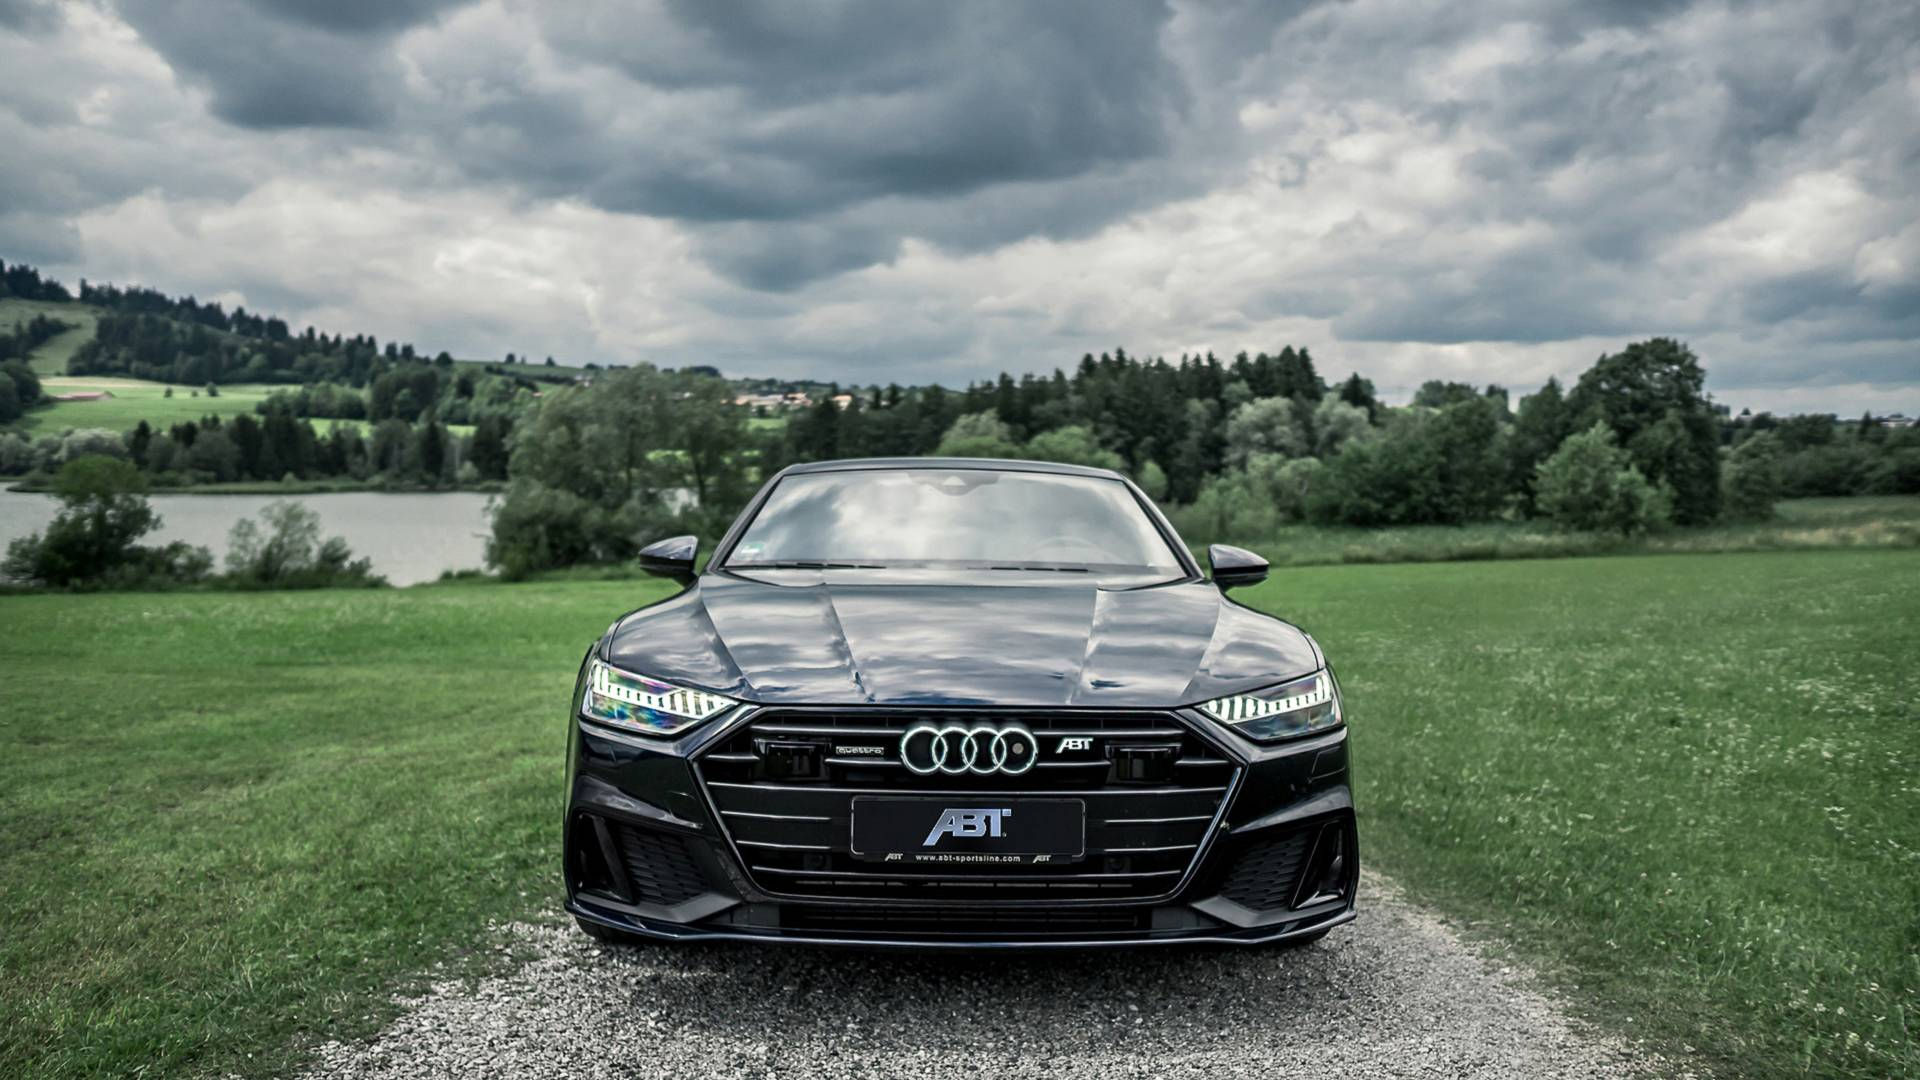 Audi A7 получил от Abt 22 дюймовые колеса и 25 процентный прирост